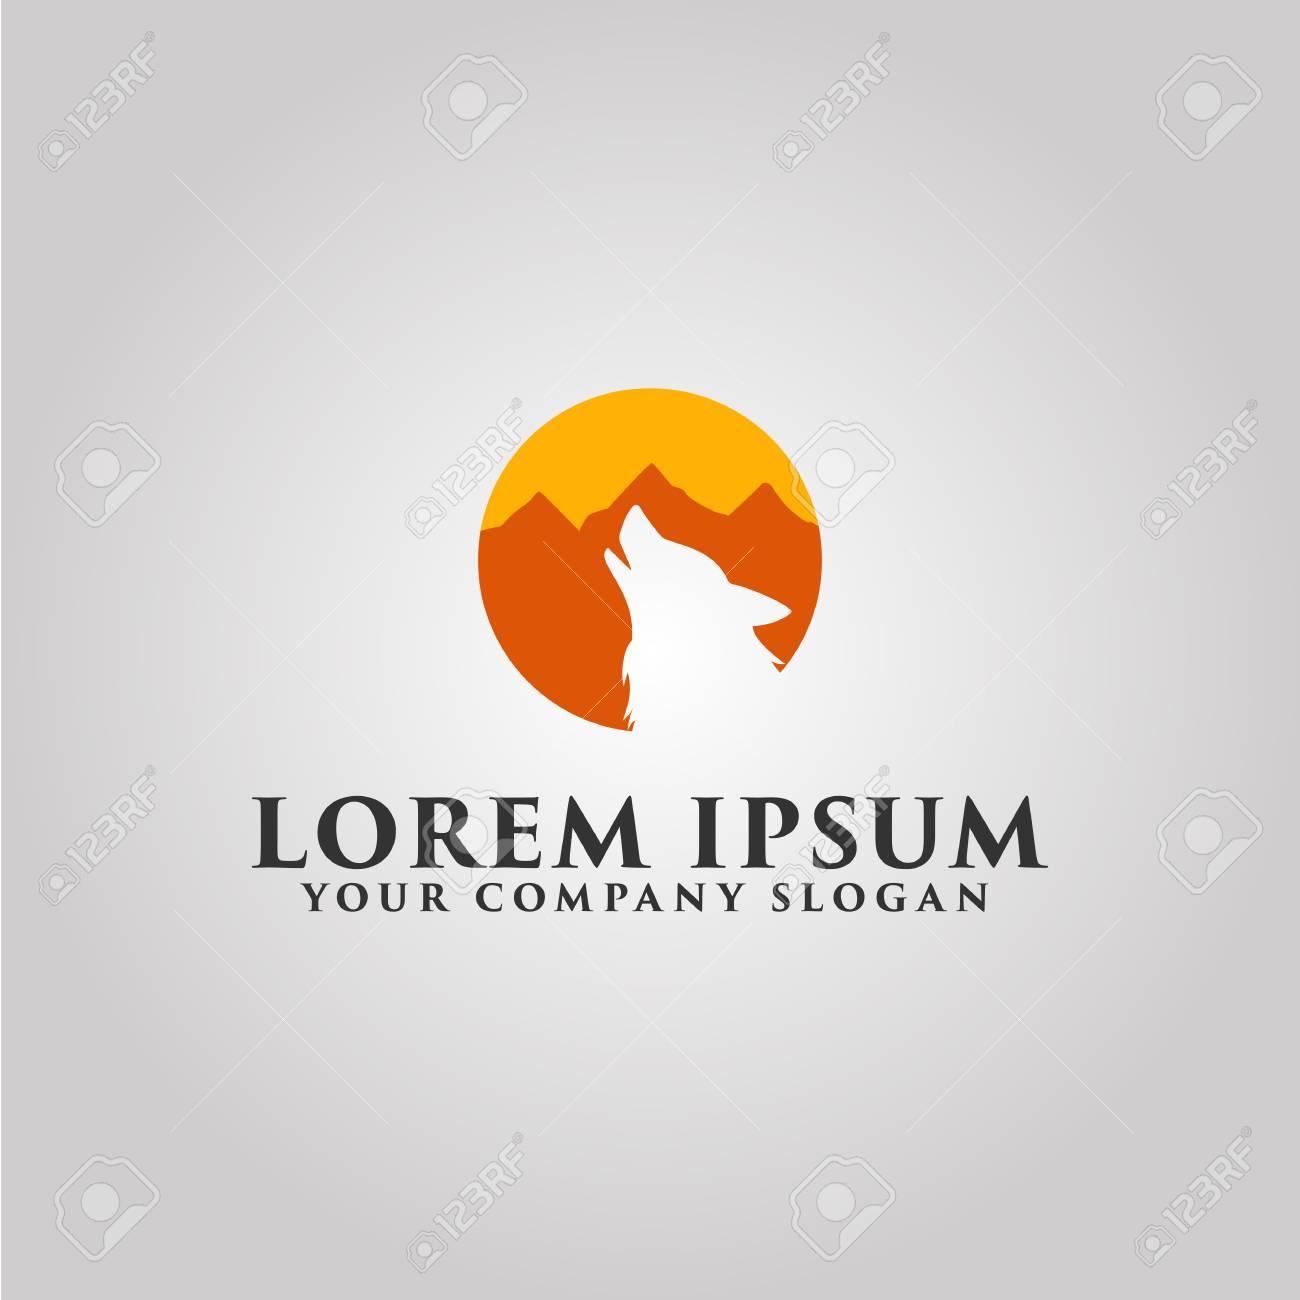 Logotipo De Lobo. Plantilla De Concepto De Diseño De Paisaje De ...